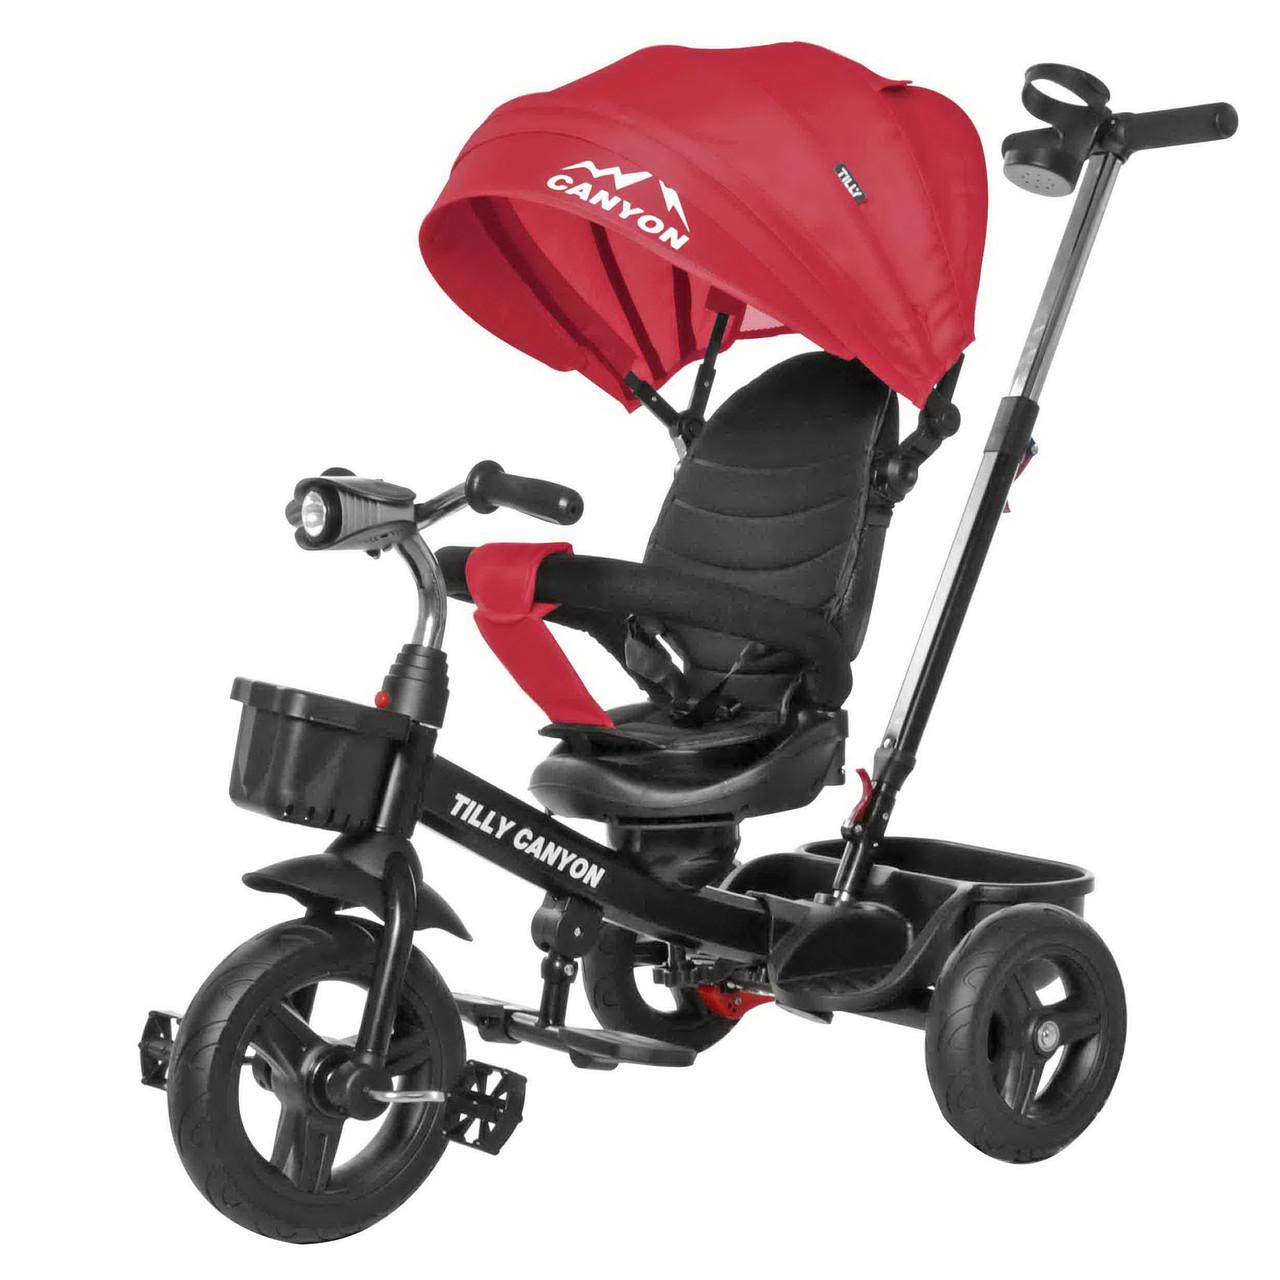 Детский трёхколёсный велосипед Canyon, «Tilly» (T-384), цвет Red (красный)